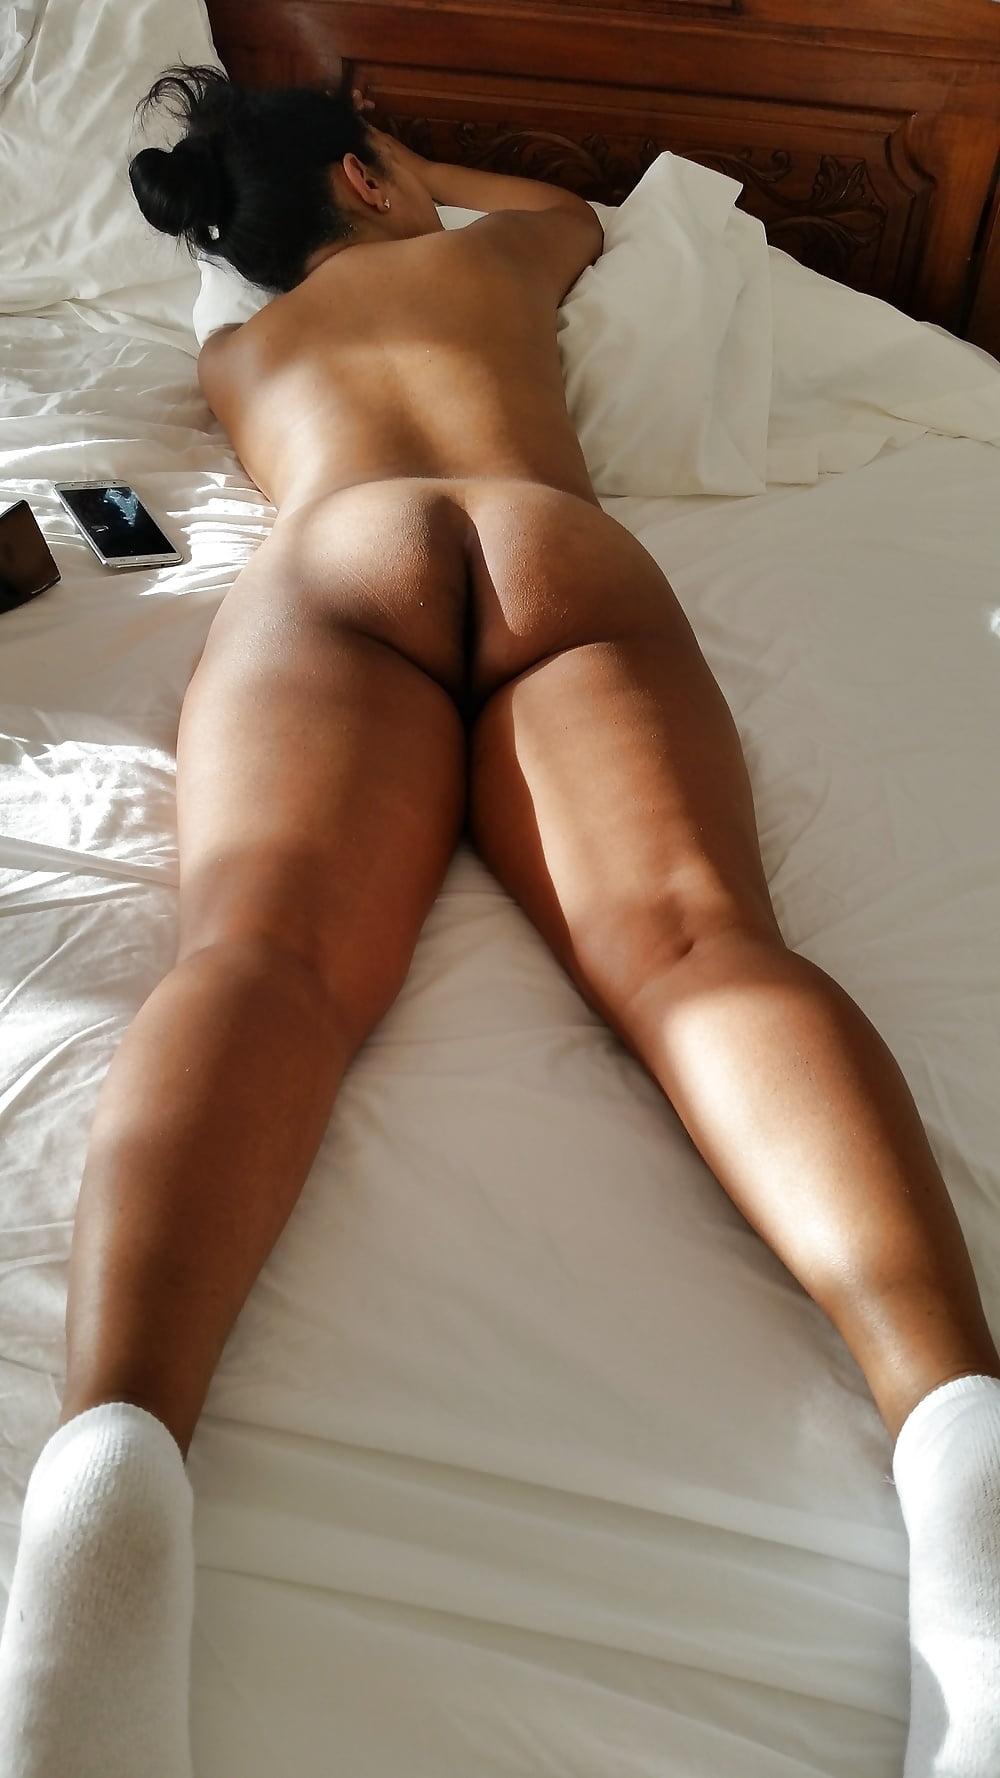 Girlfriend bent over